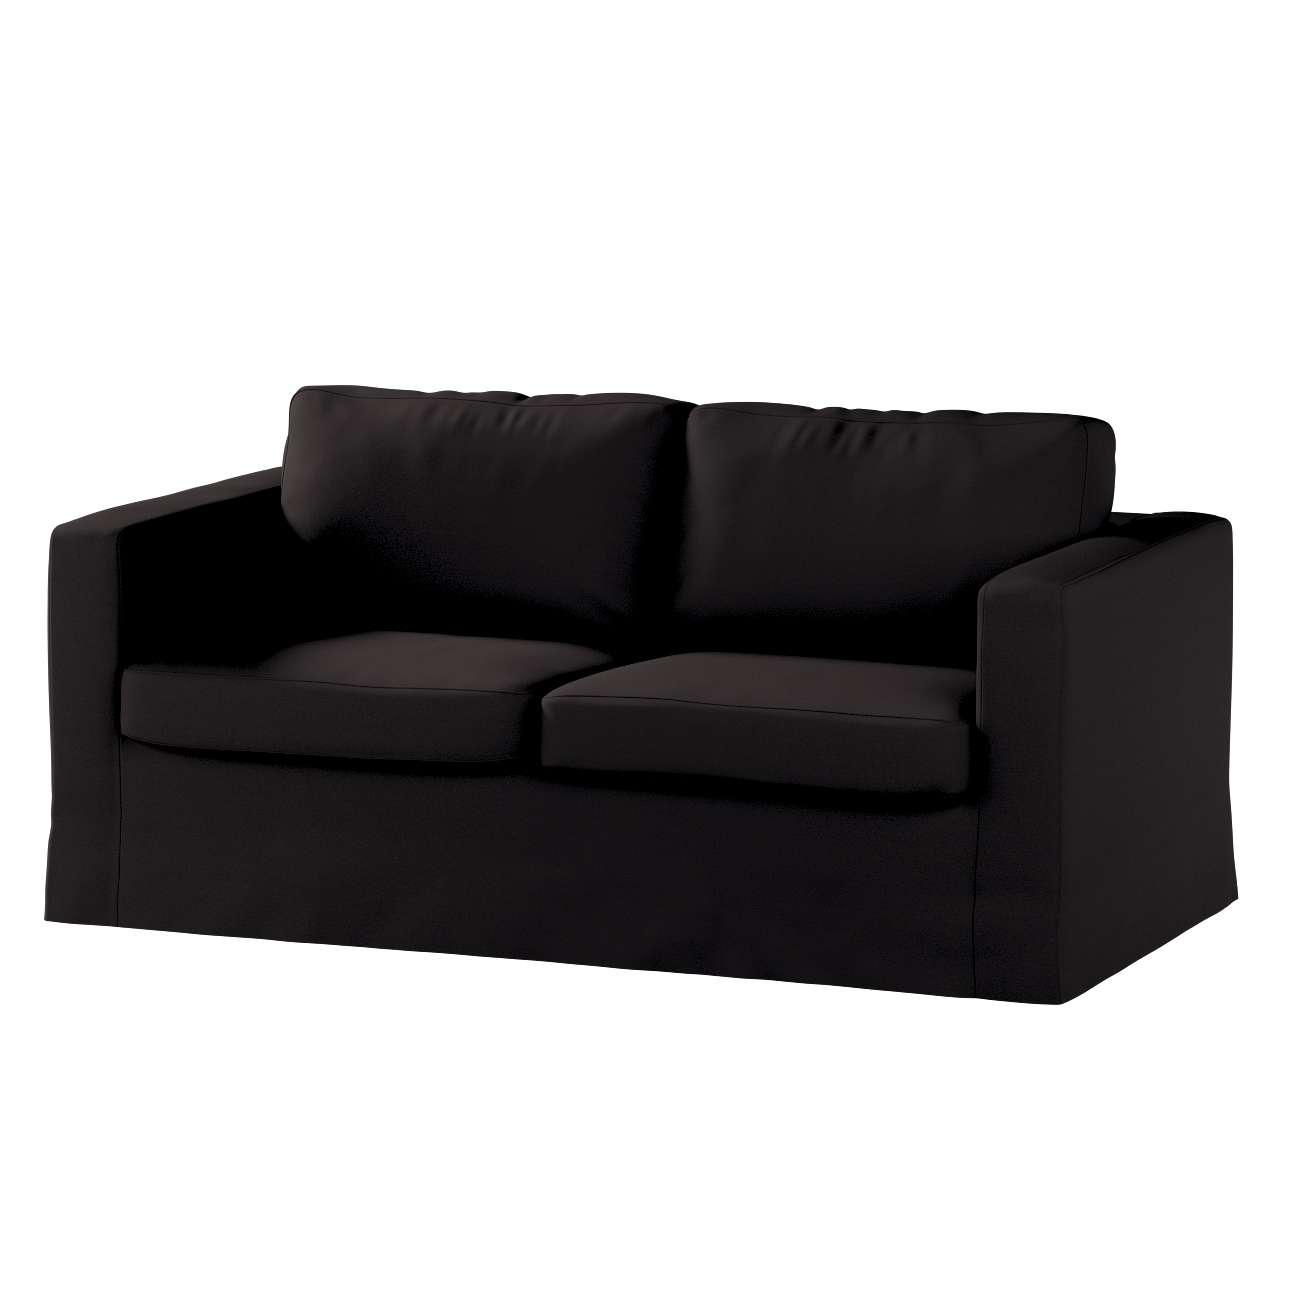 Karlstad 2-Sitzer Sofabezug nicht ausklappbar lang Sofahusse, Karlstad 2-Sitzer von der Kollektion Cotton Panama, Stoff: 702-09